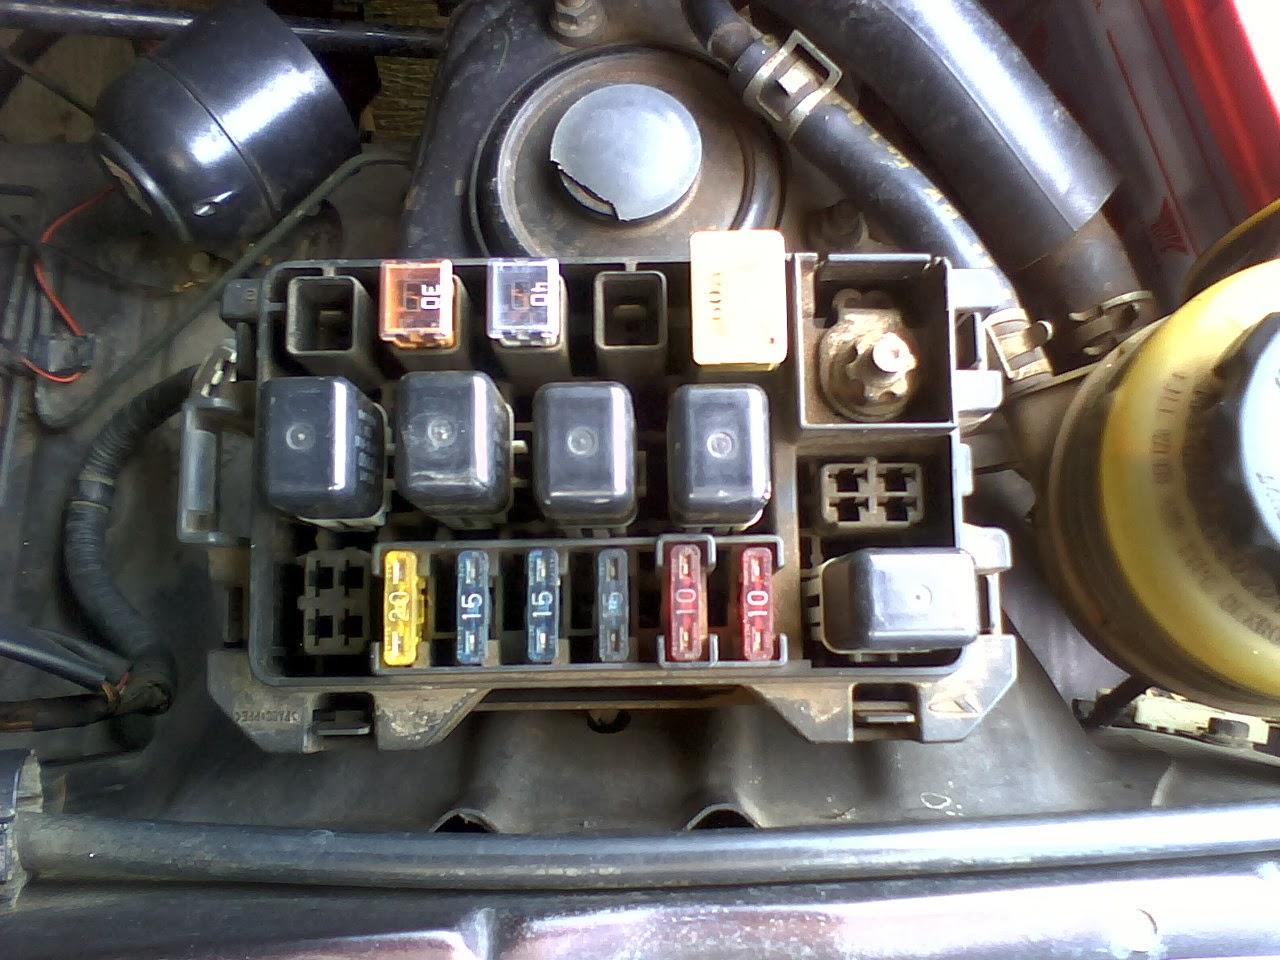 daihatsu yrv fuse box location hb 8938  daihatsu delta fuse box location  hb 8938  daihatsu delta fuse box location